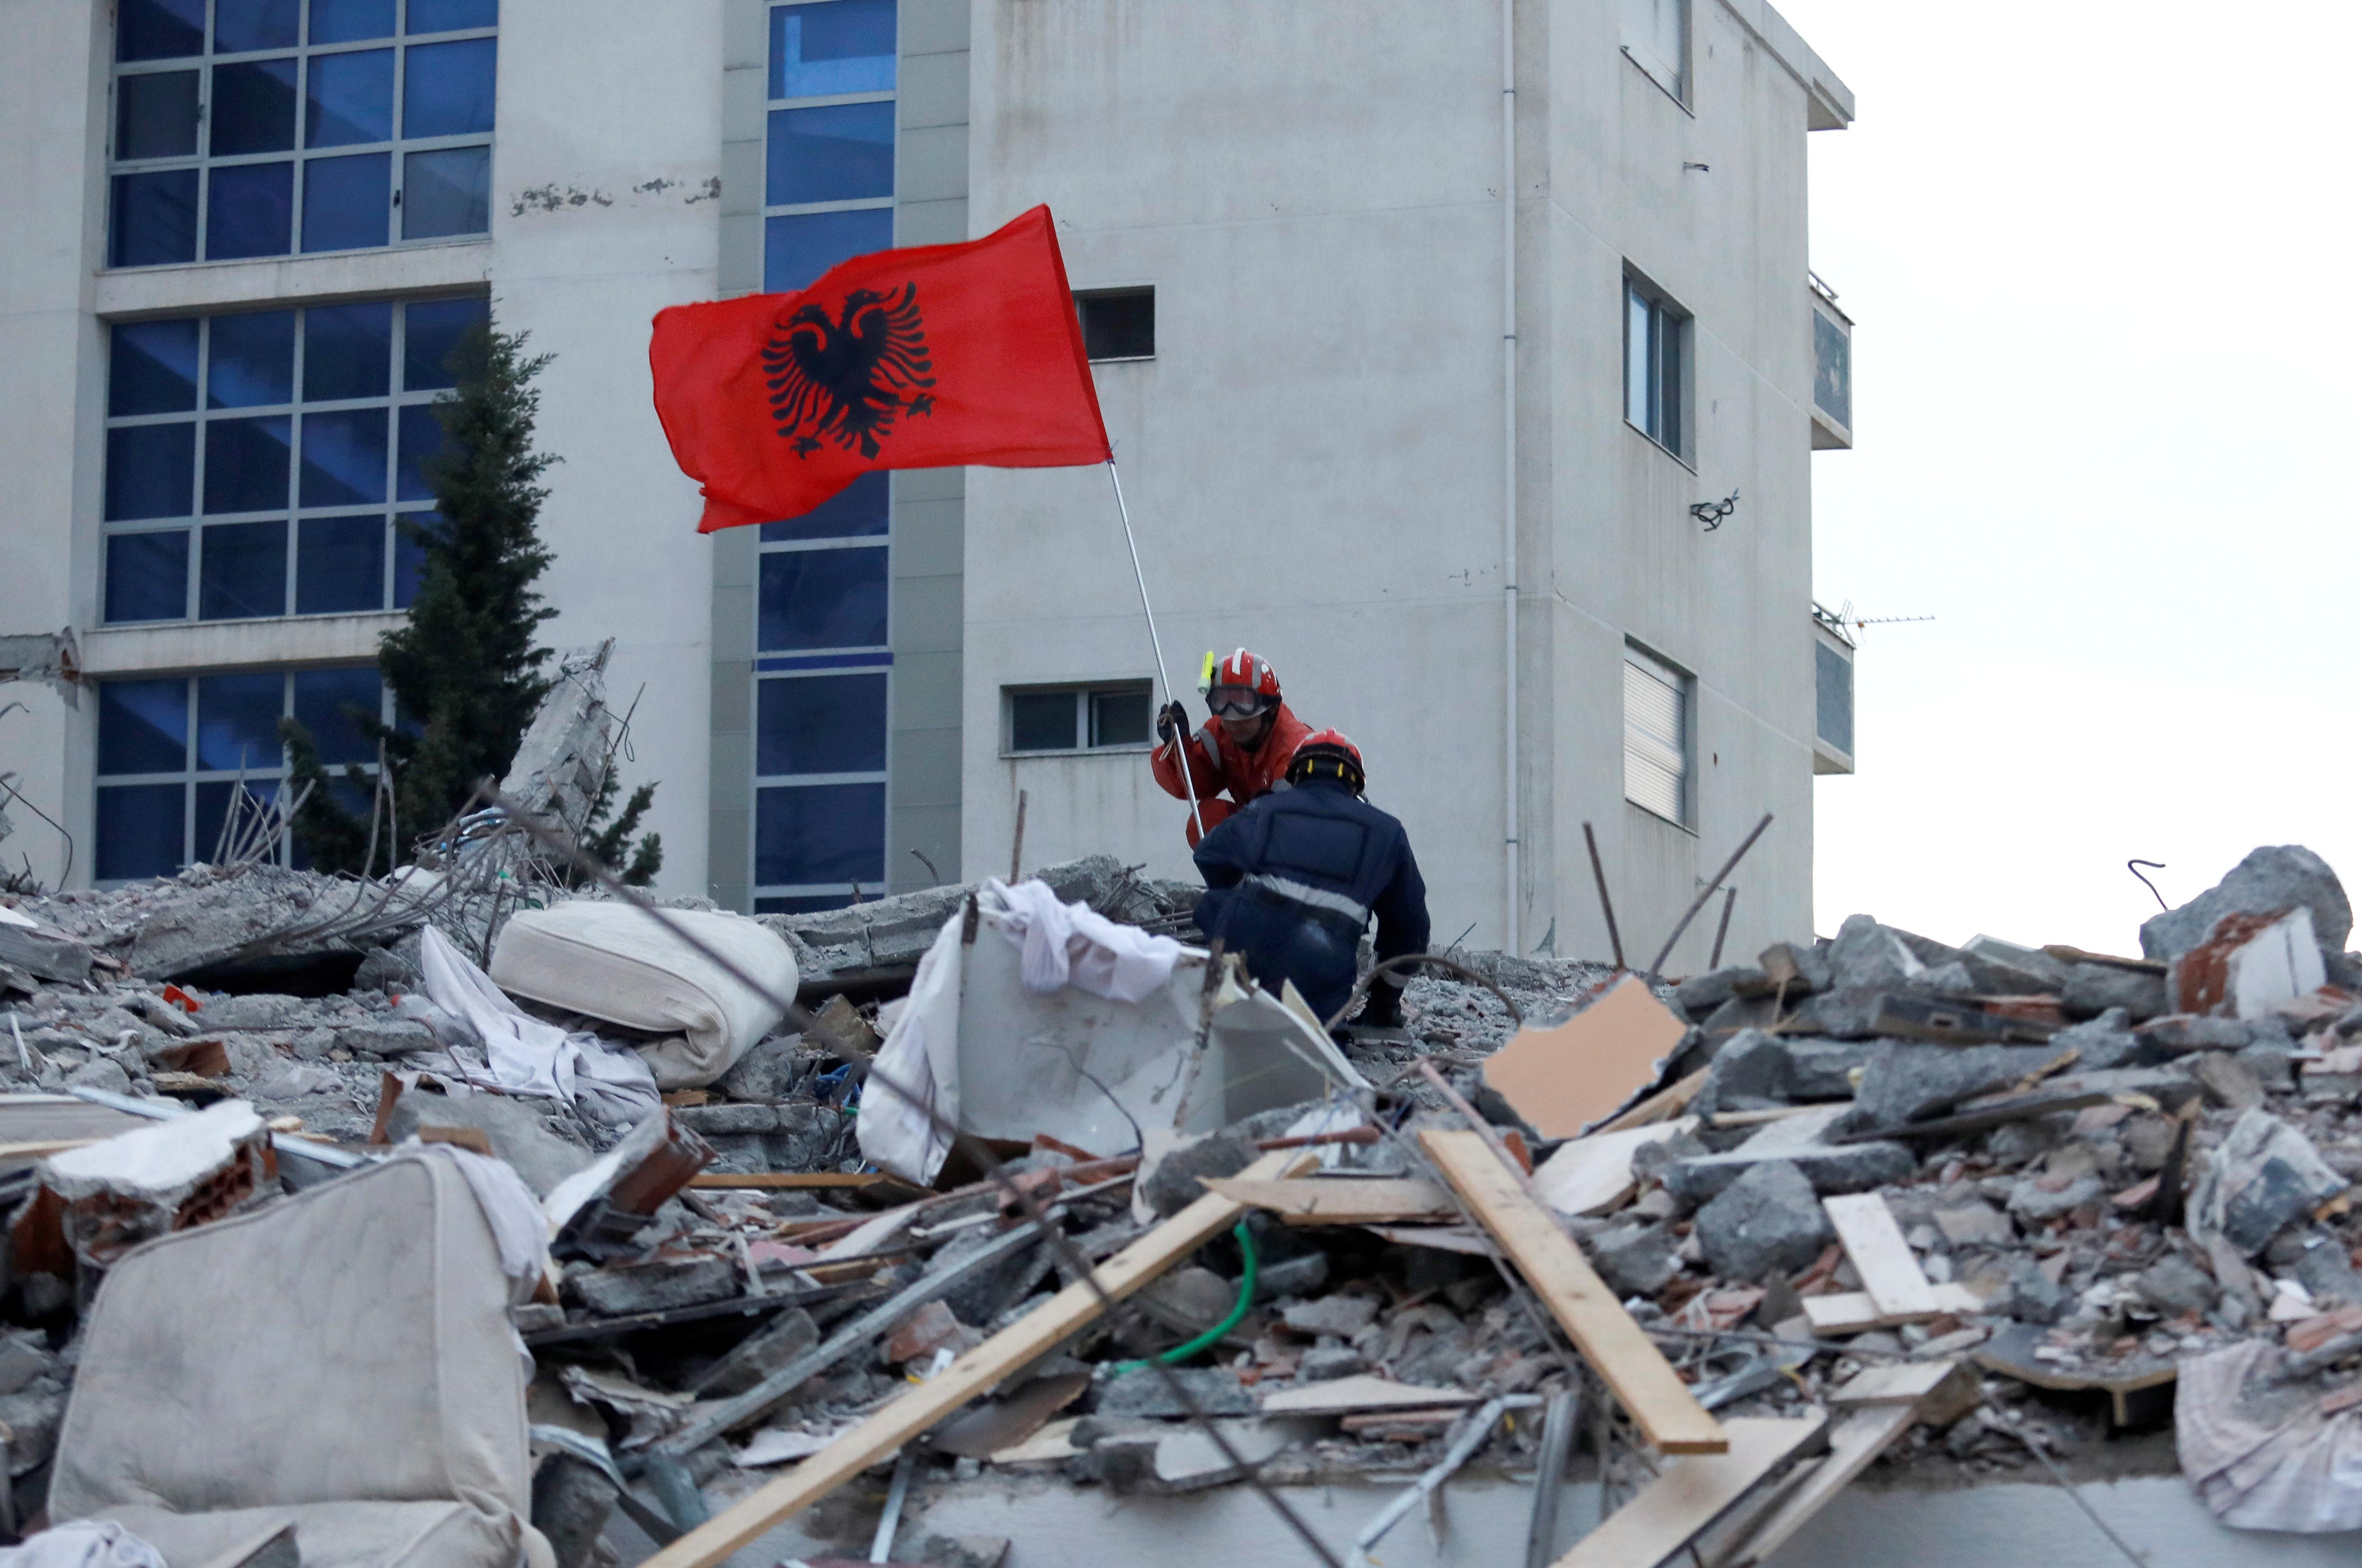 Προμηθέας Πάτρας: Συγκεντρώνει ρούχα και τρόφιμα για την Αλβανία!